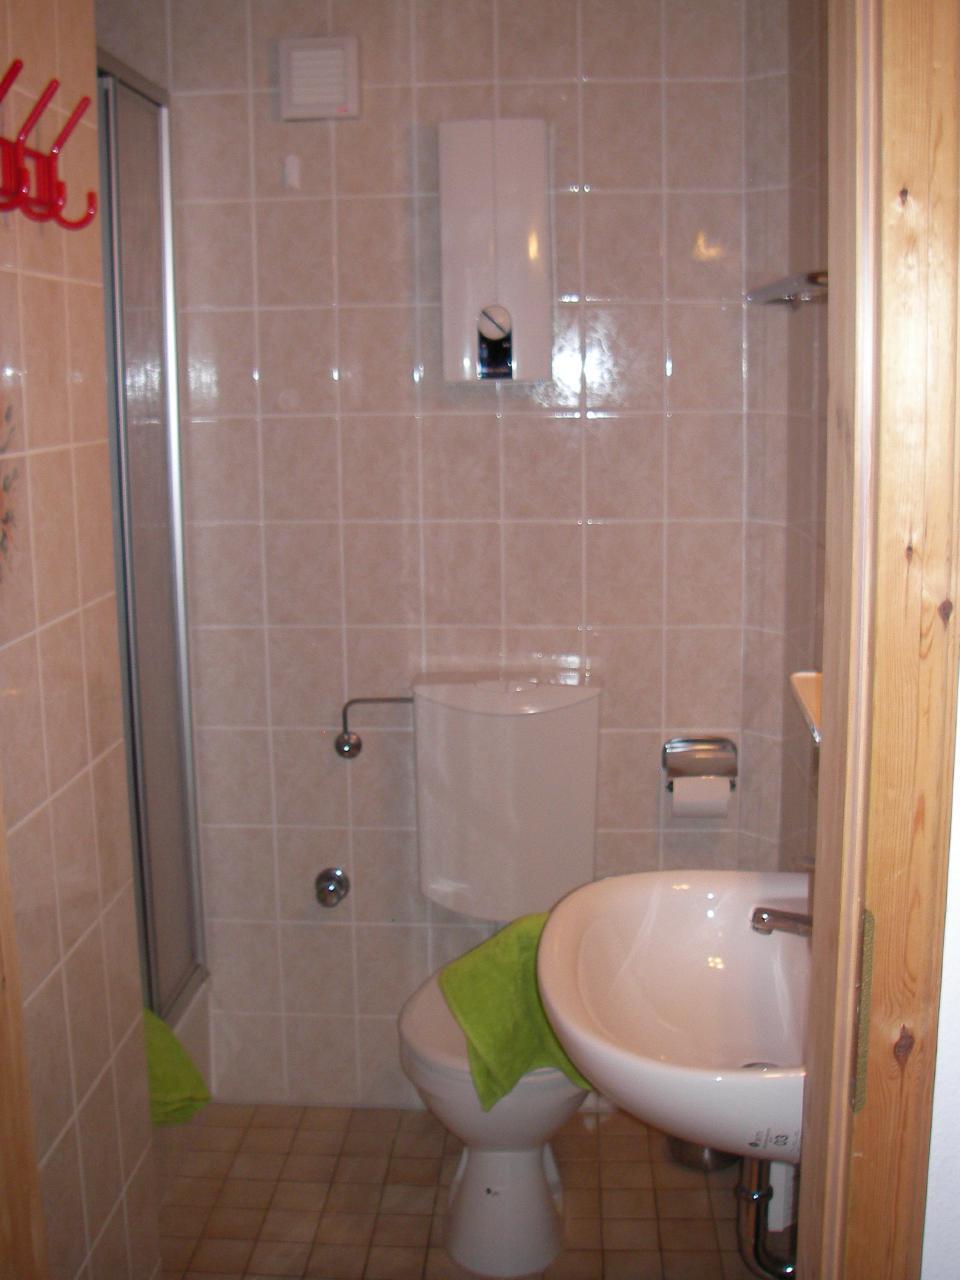 Ferienwohnung Haus Hilde Wohnung 2 (993407), Presseck, Oberfranken, Bayern, Deutschland, Bild 33